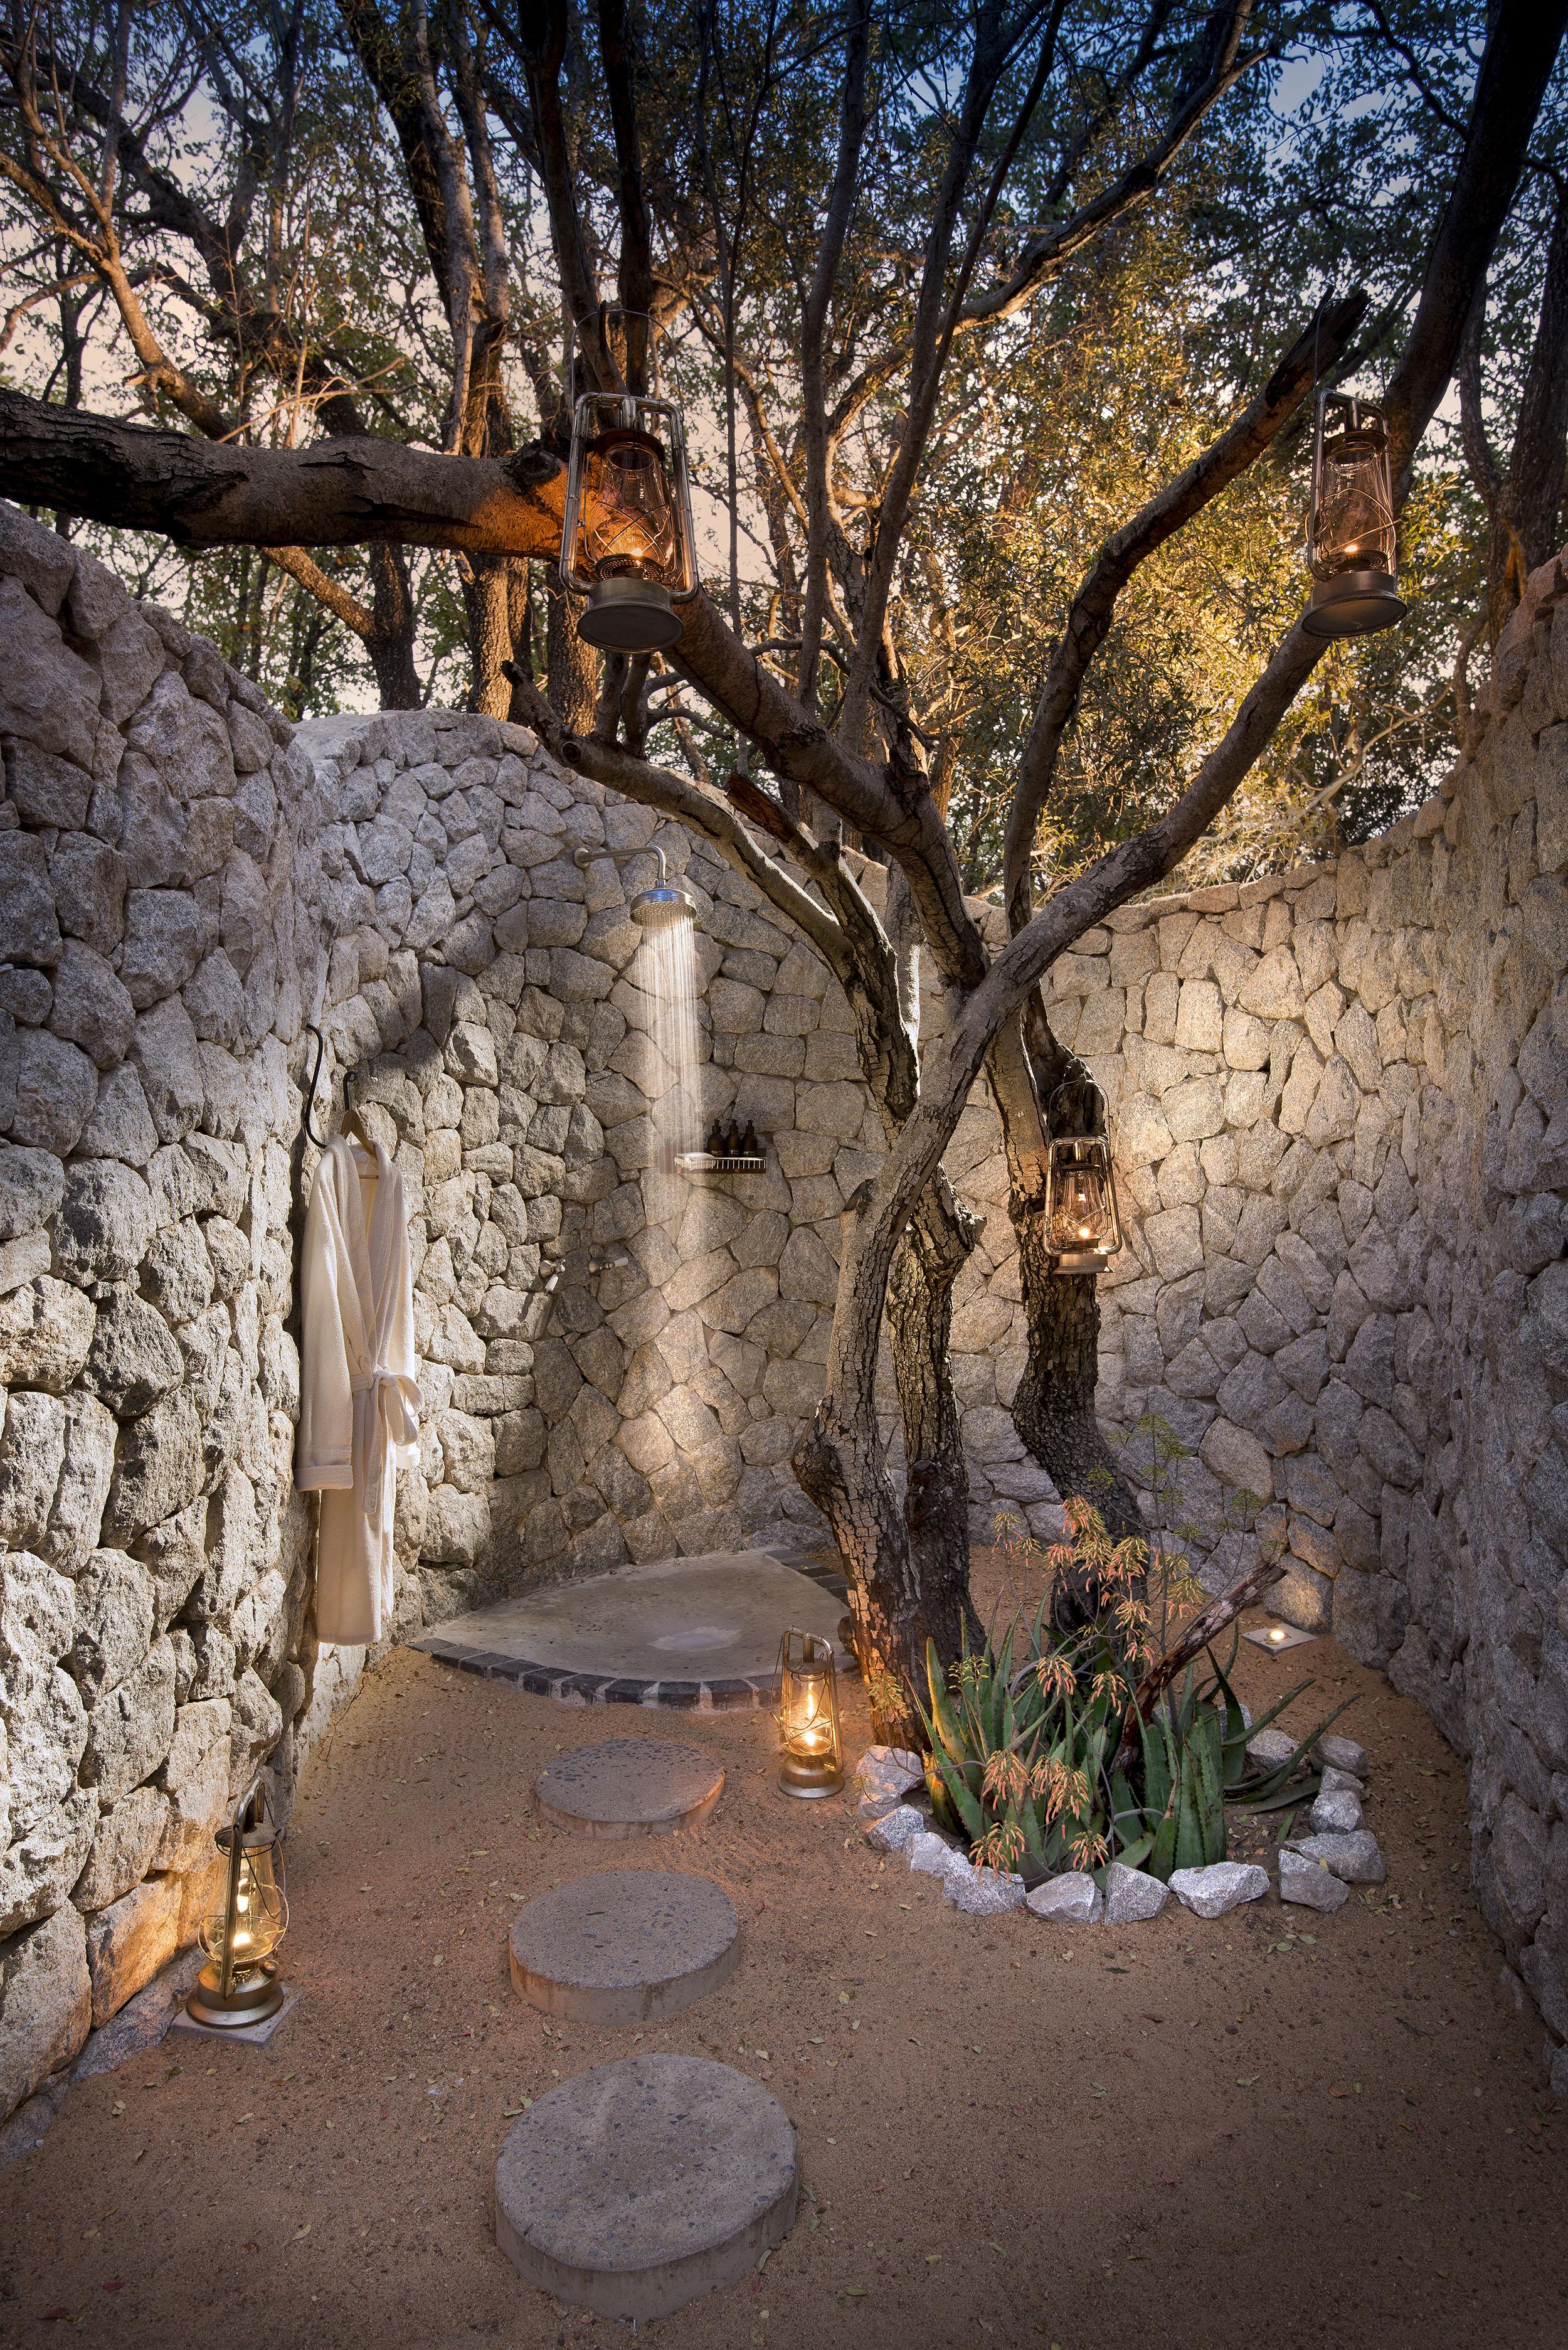 andBeyond-Ngala-Safari-lodge-Family-Cottage-Outdoor-Shower.jpg